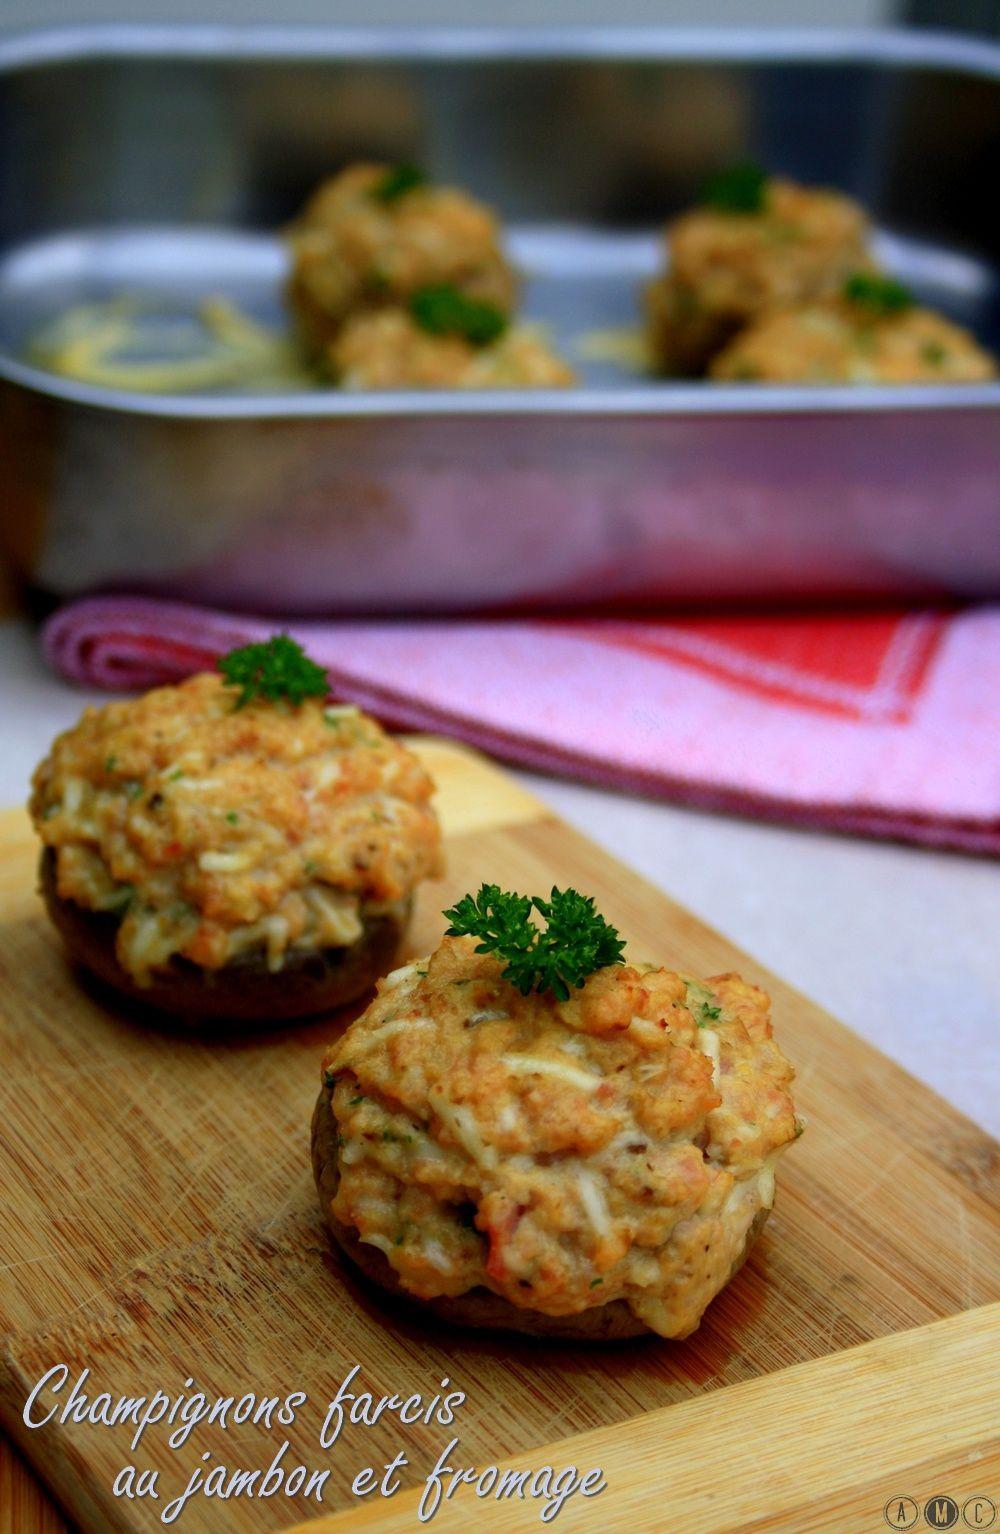 Extrem Champignons farcis au jambon et fromage - Amandine Cooking QX87